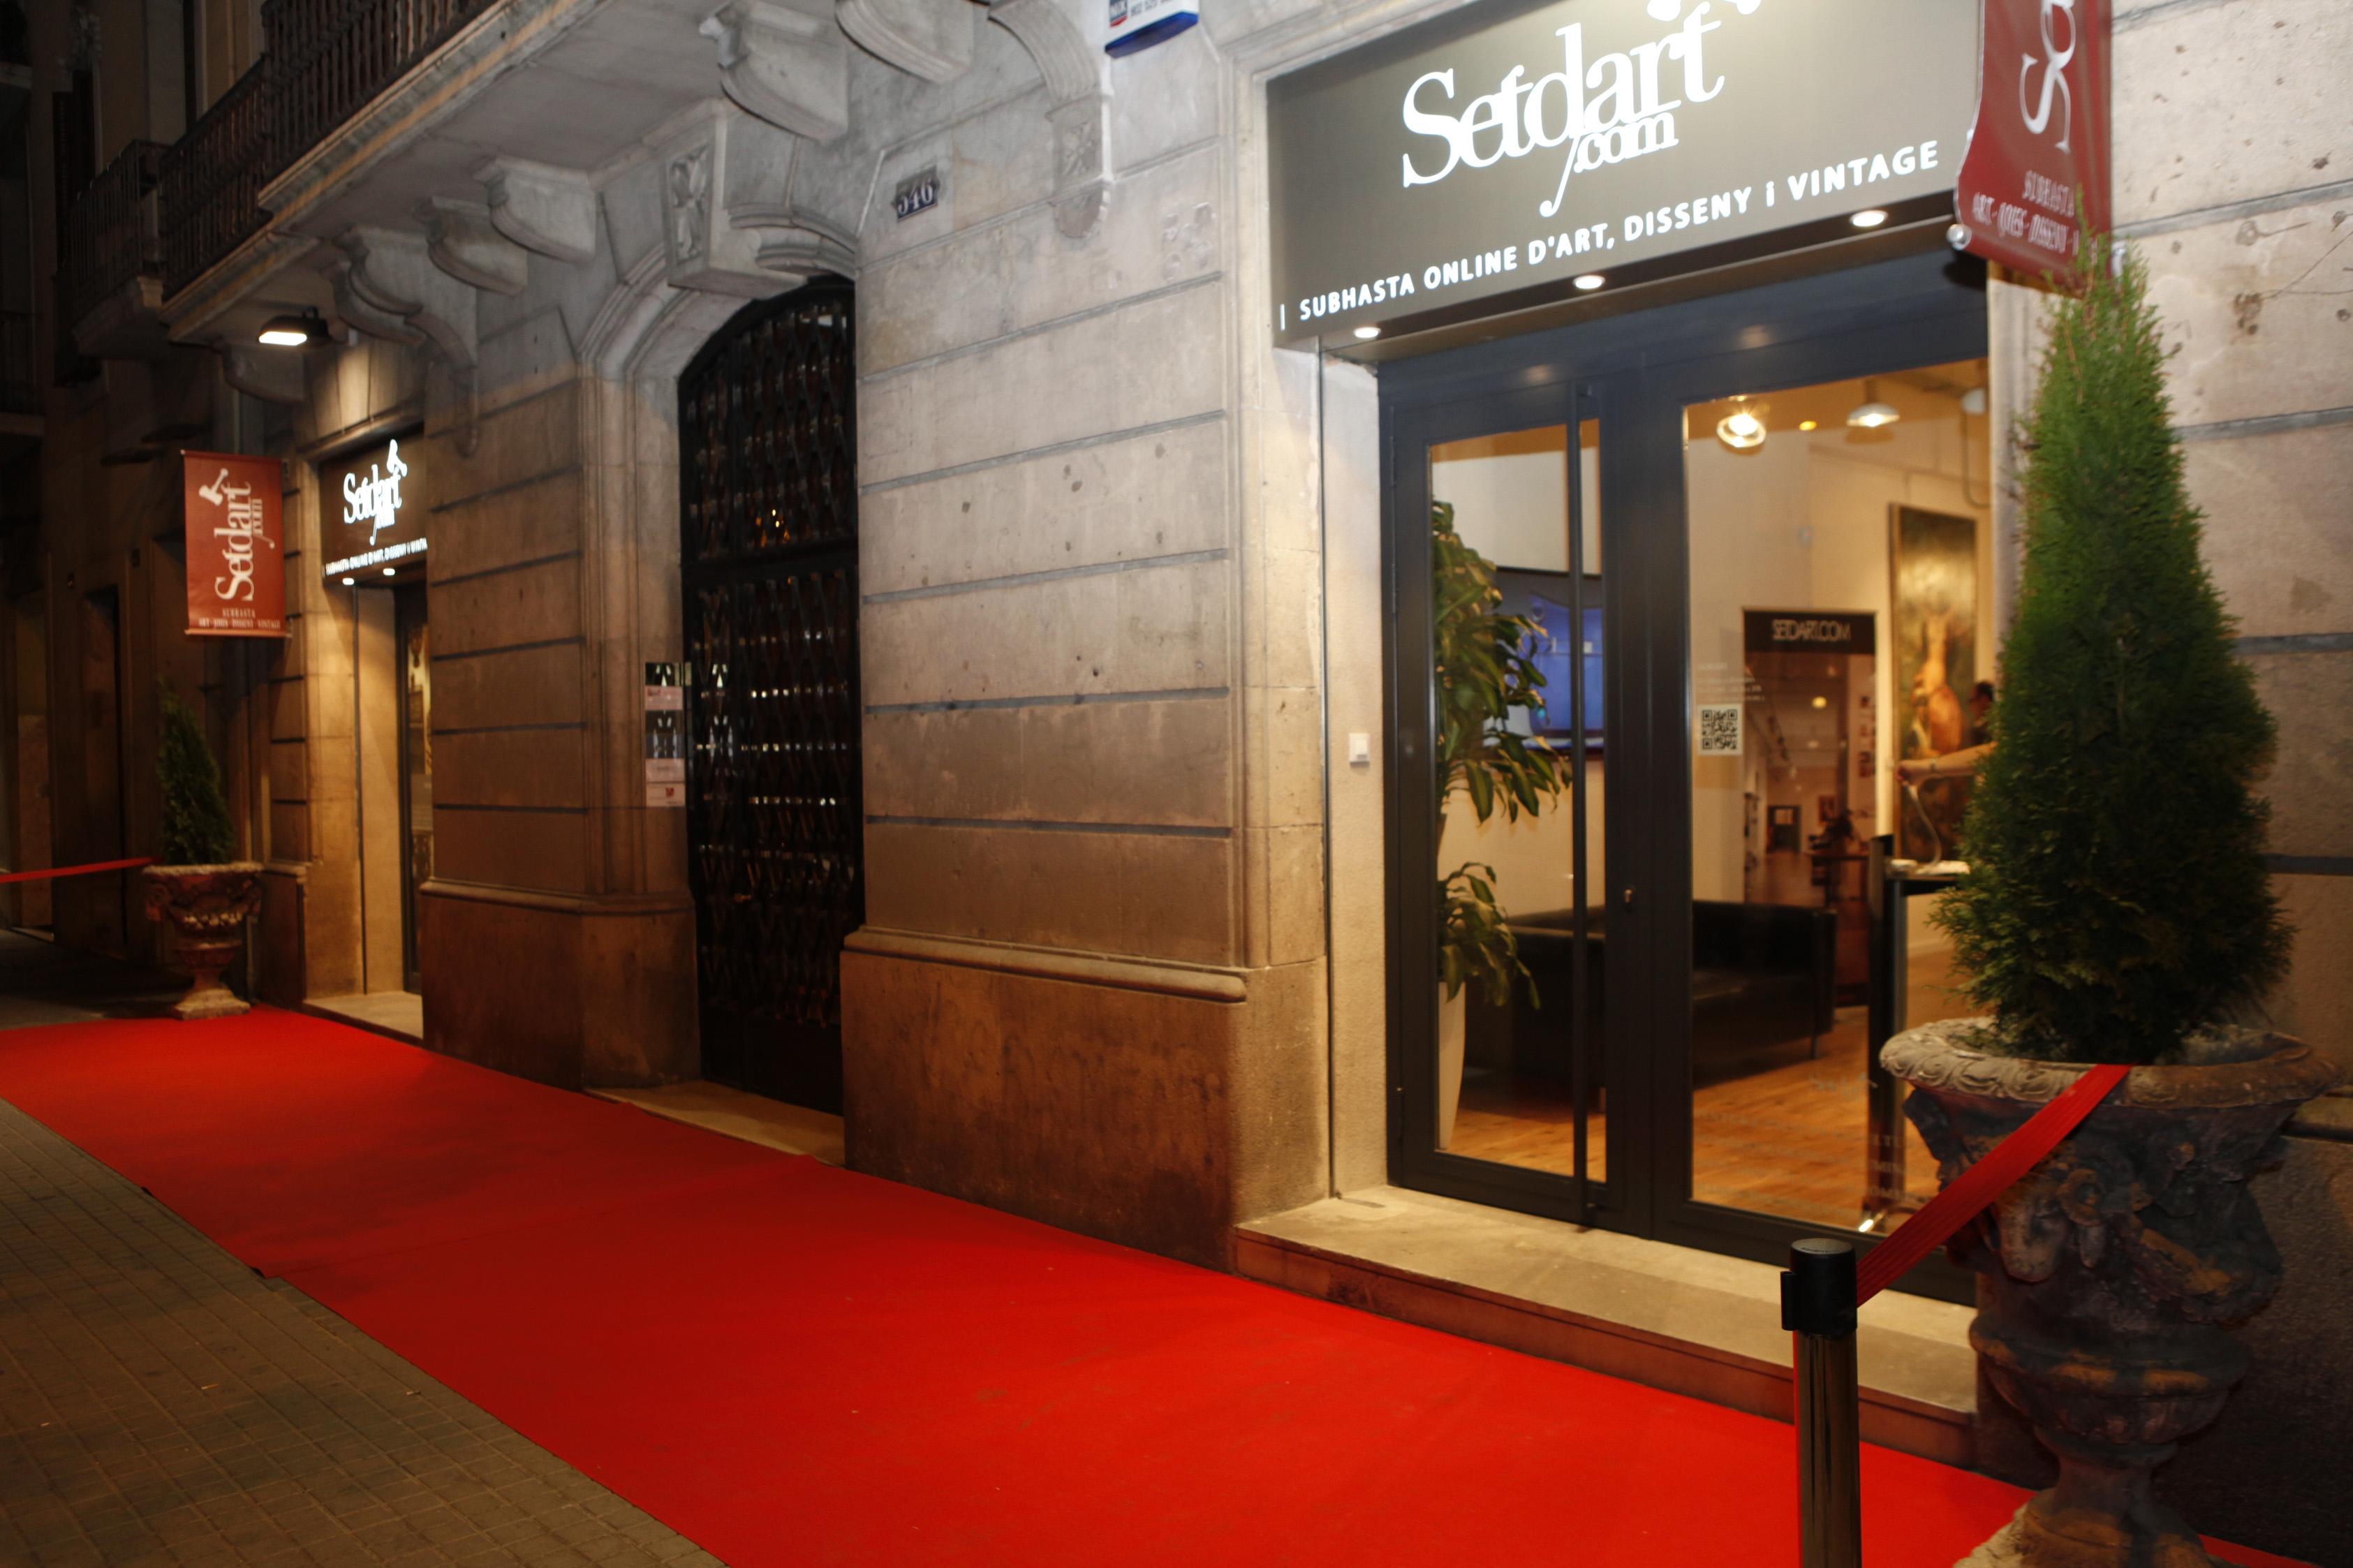 entrada Setdart